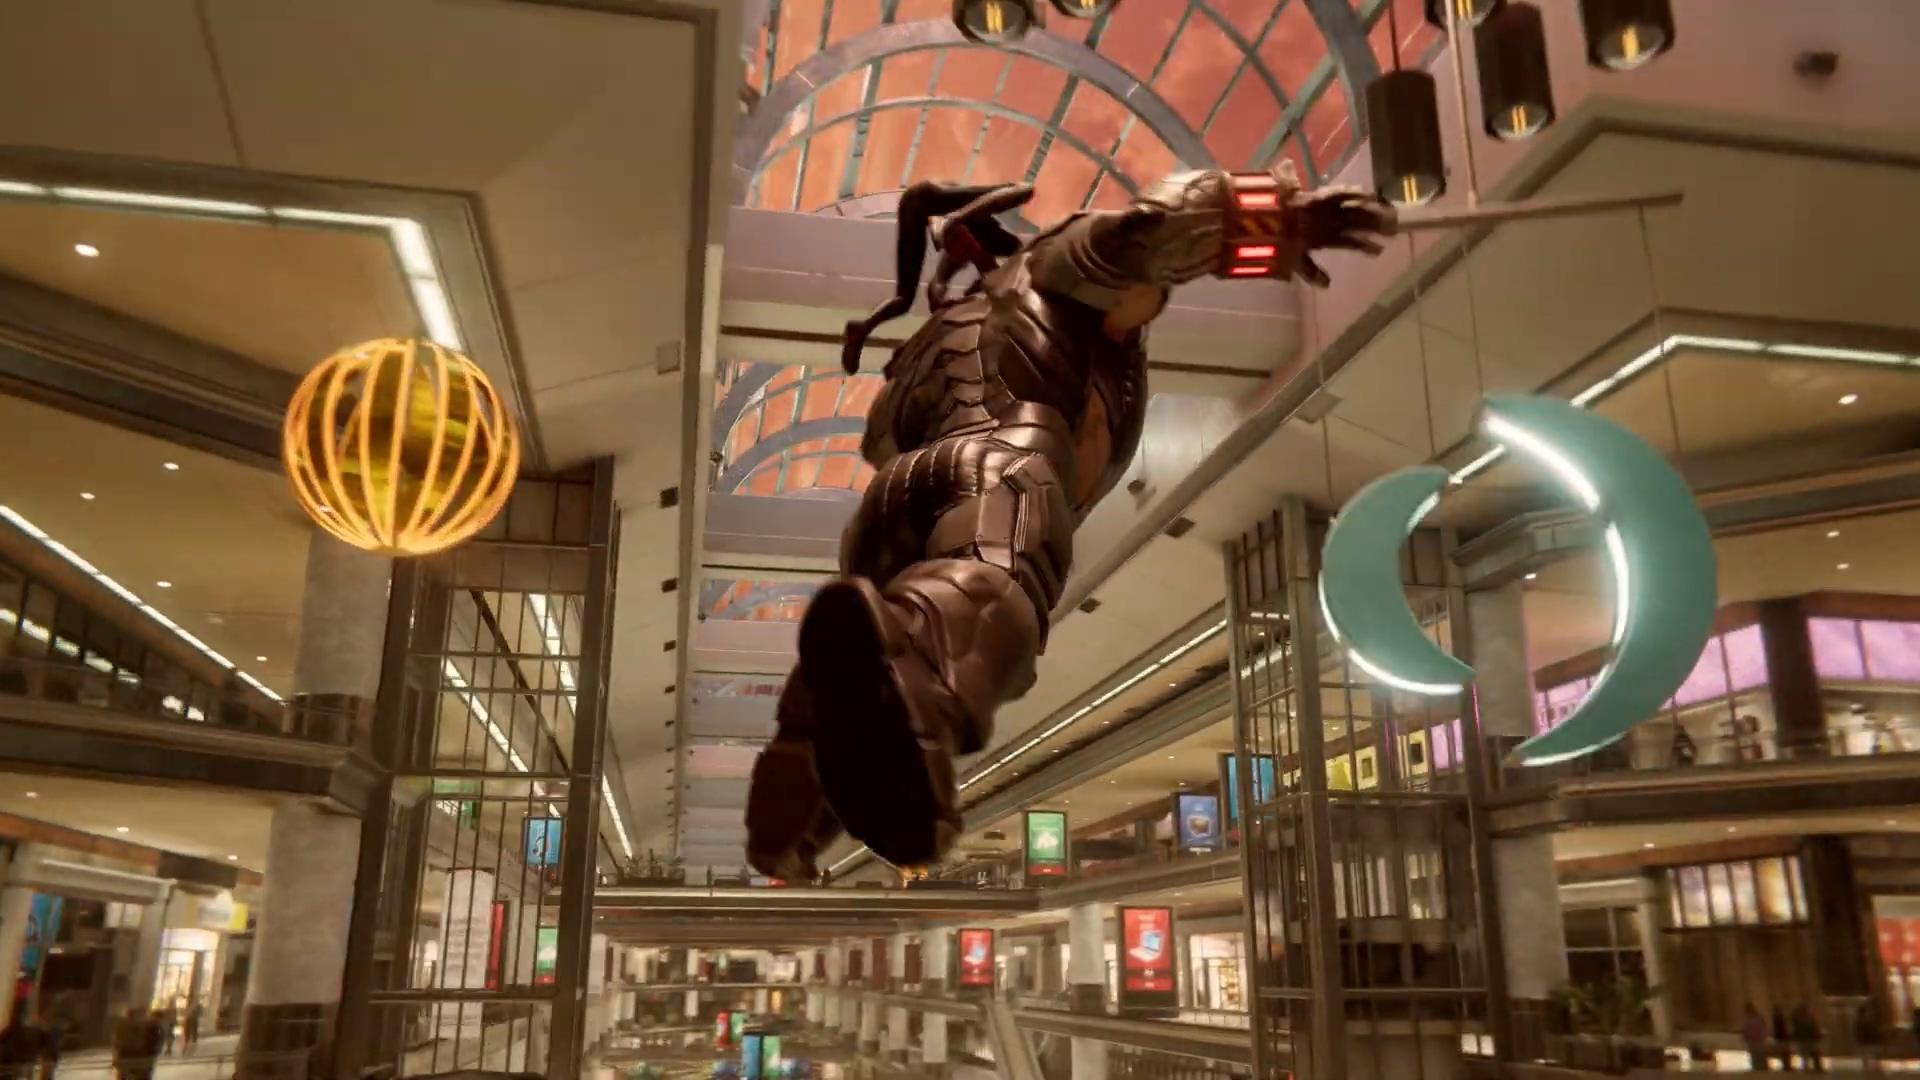 PS5《漫威蜘蛛侠:迈尔斯》技术分析 光追材质不错